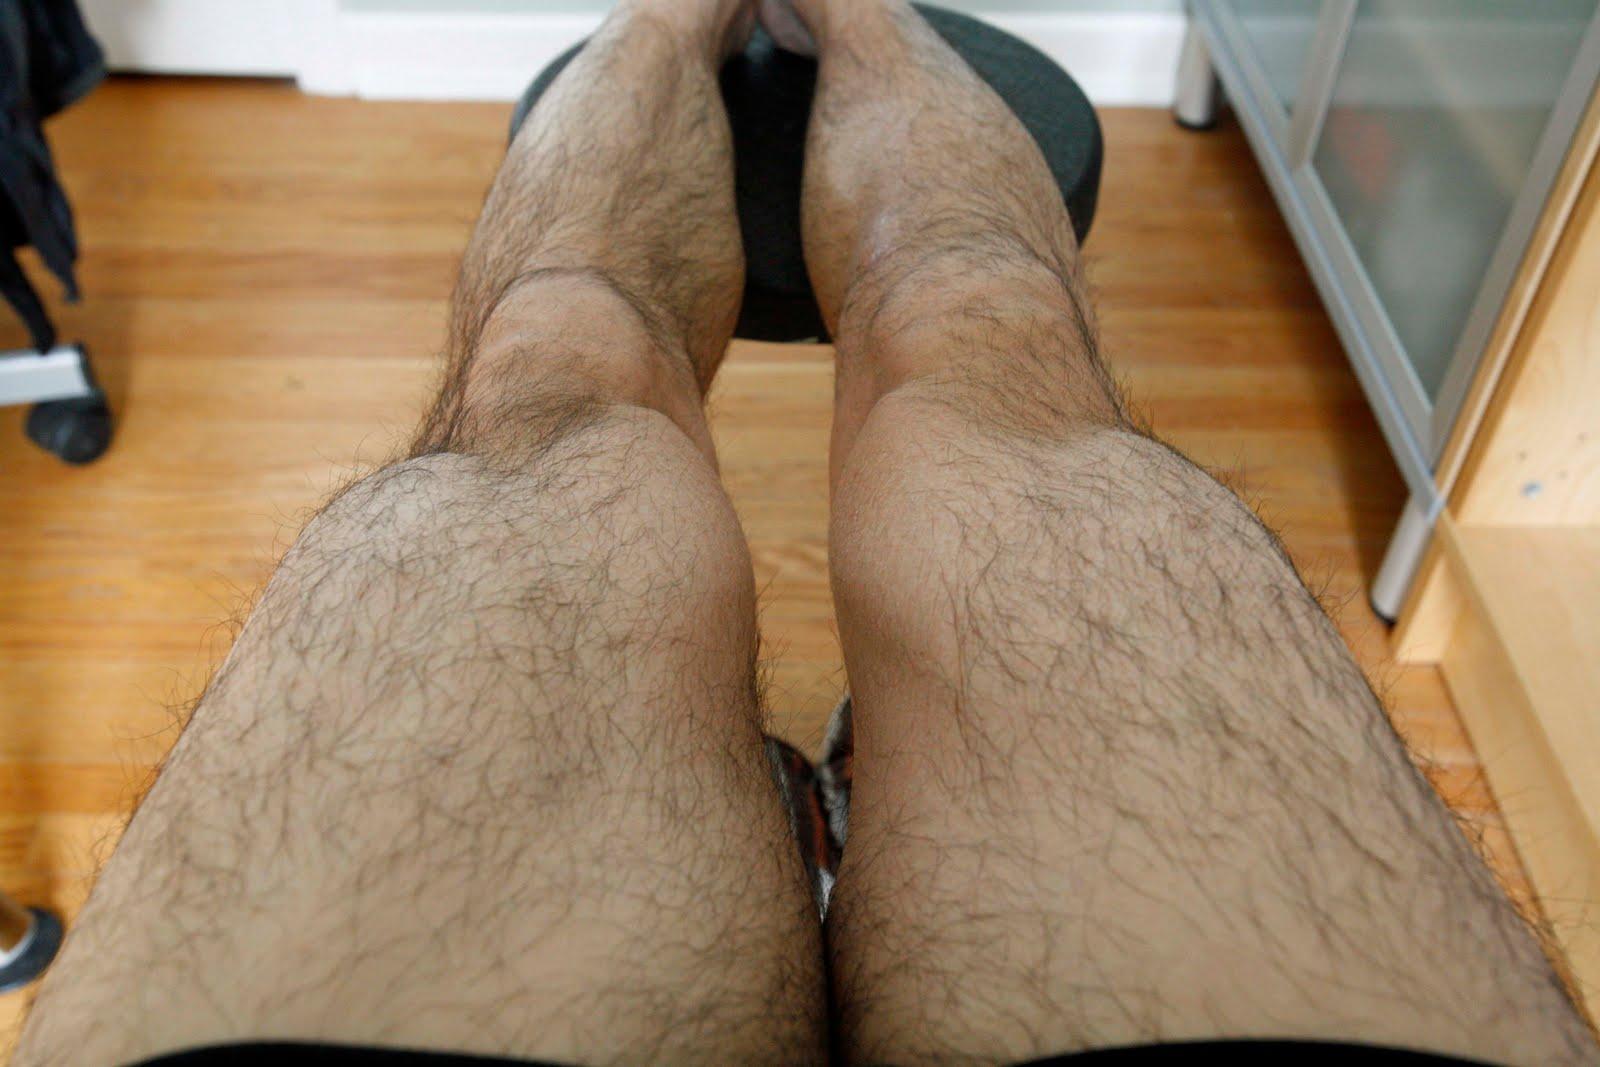 подборка волосатых женских ног самому